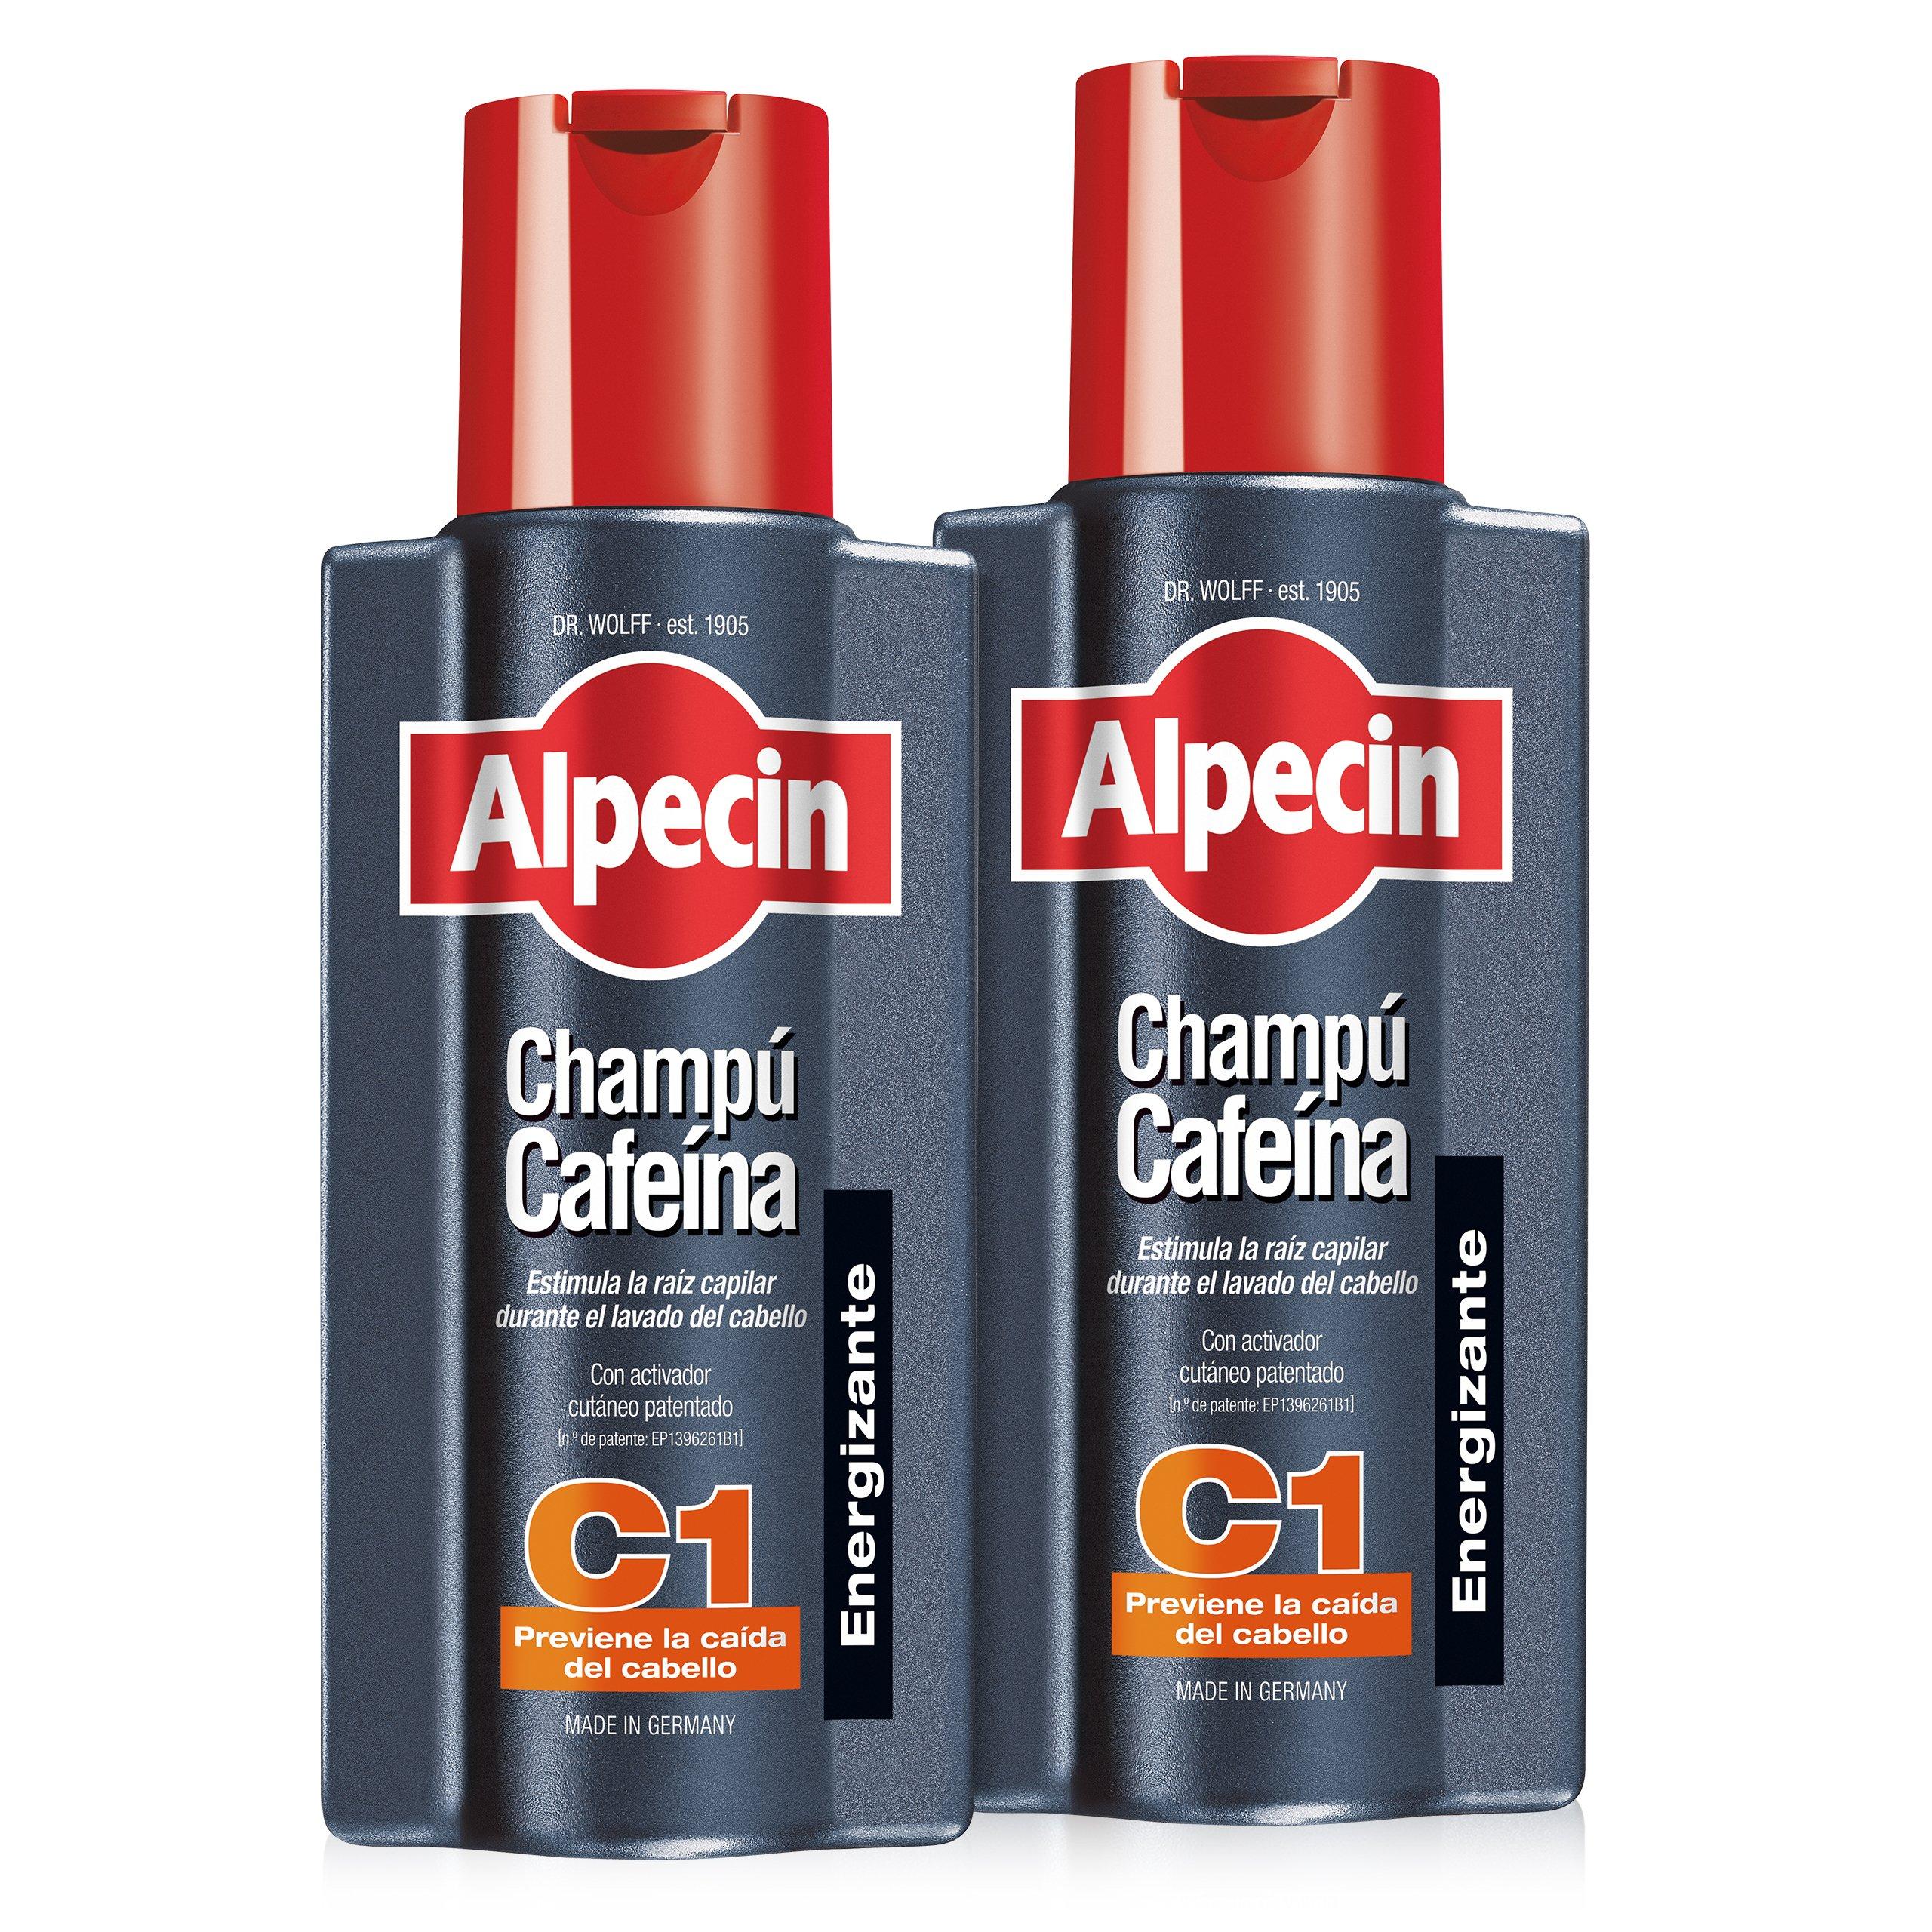 Alpecin Champú Cafeína C1, Champú anticaída - 2 x 250ml=500ml product image